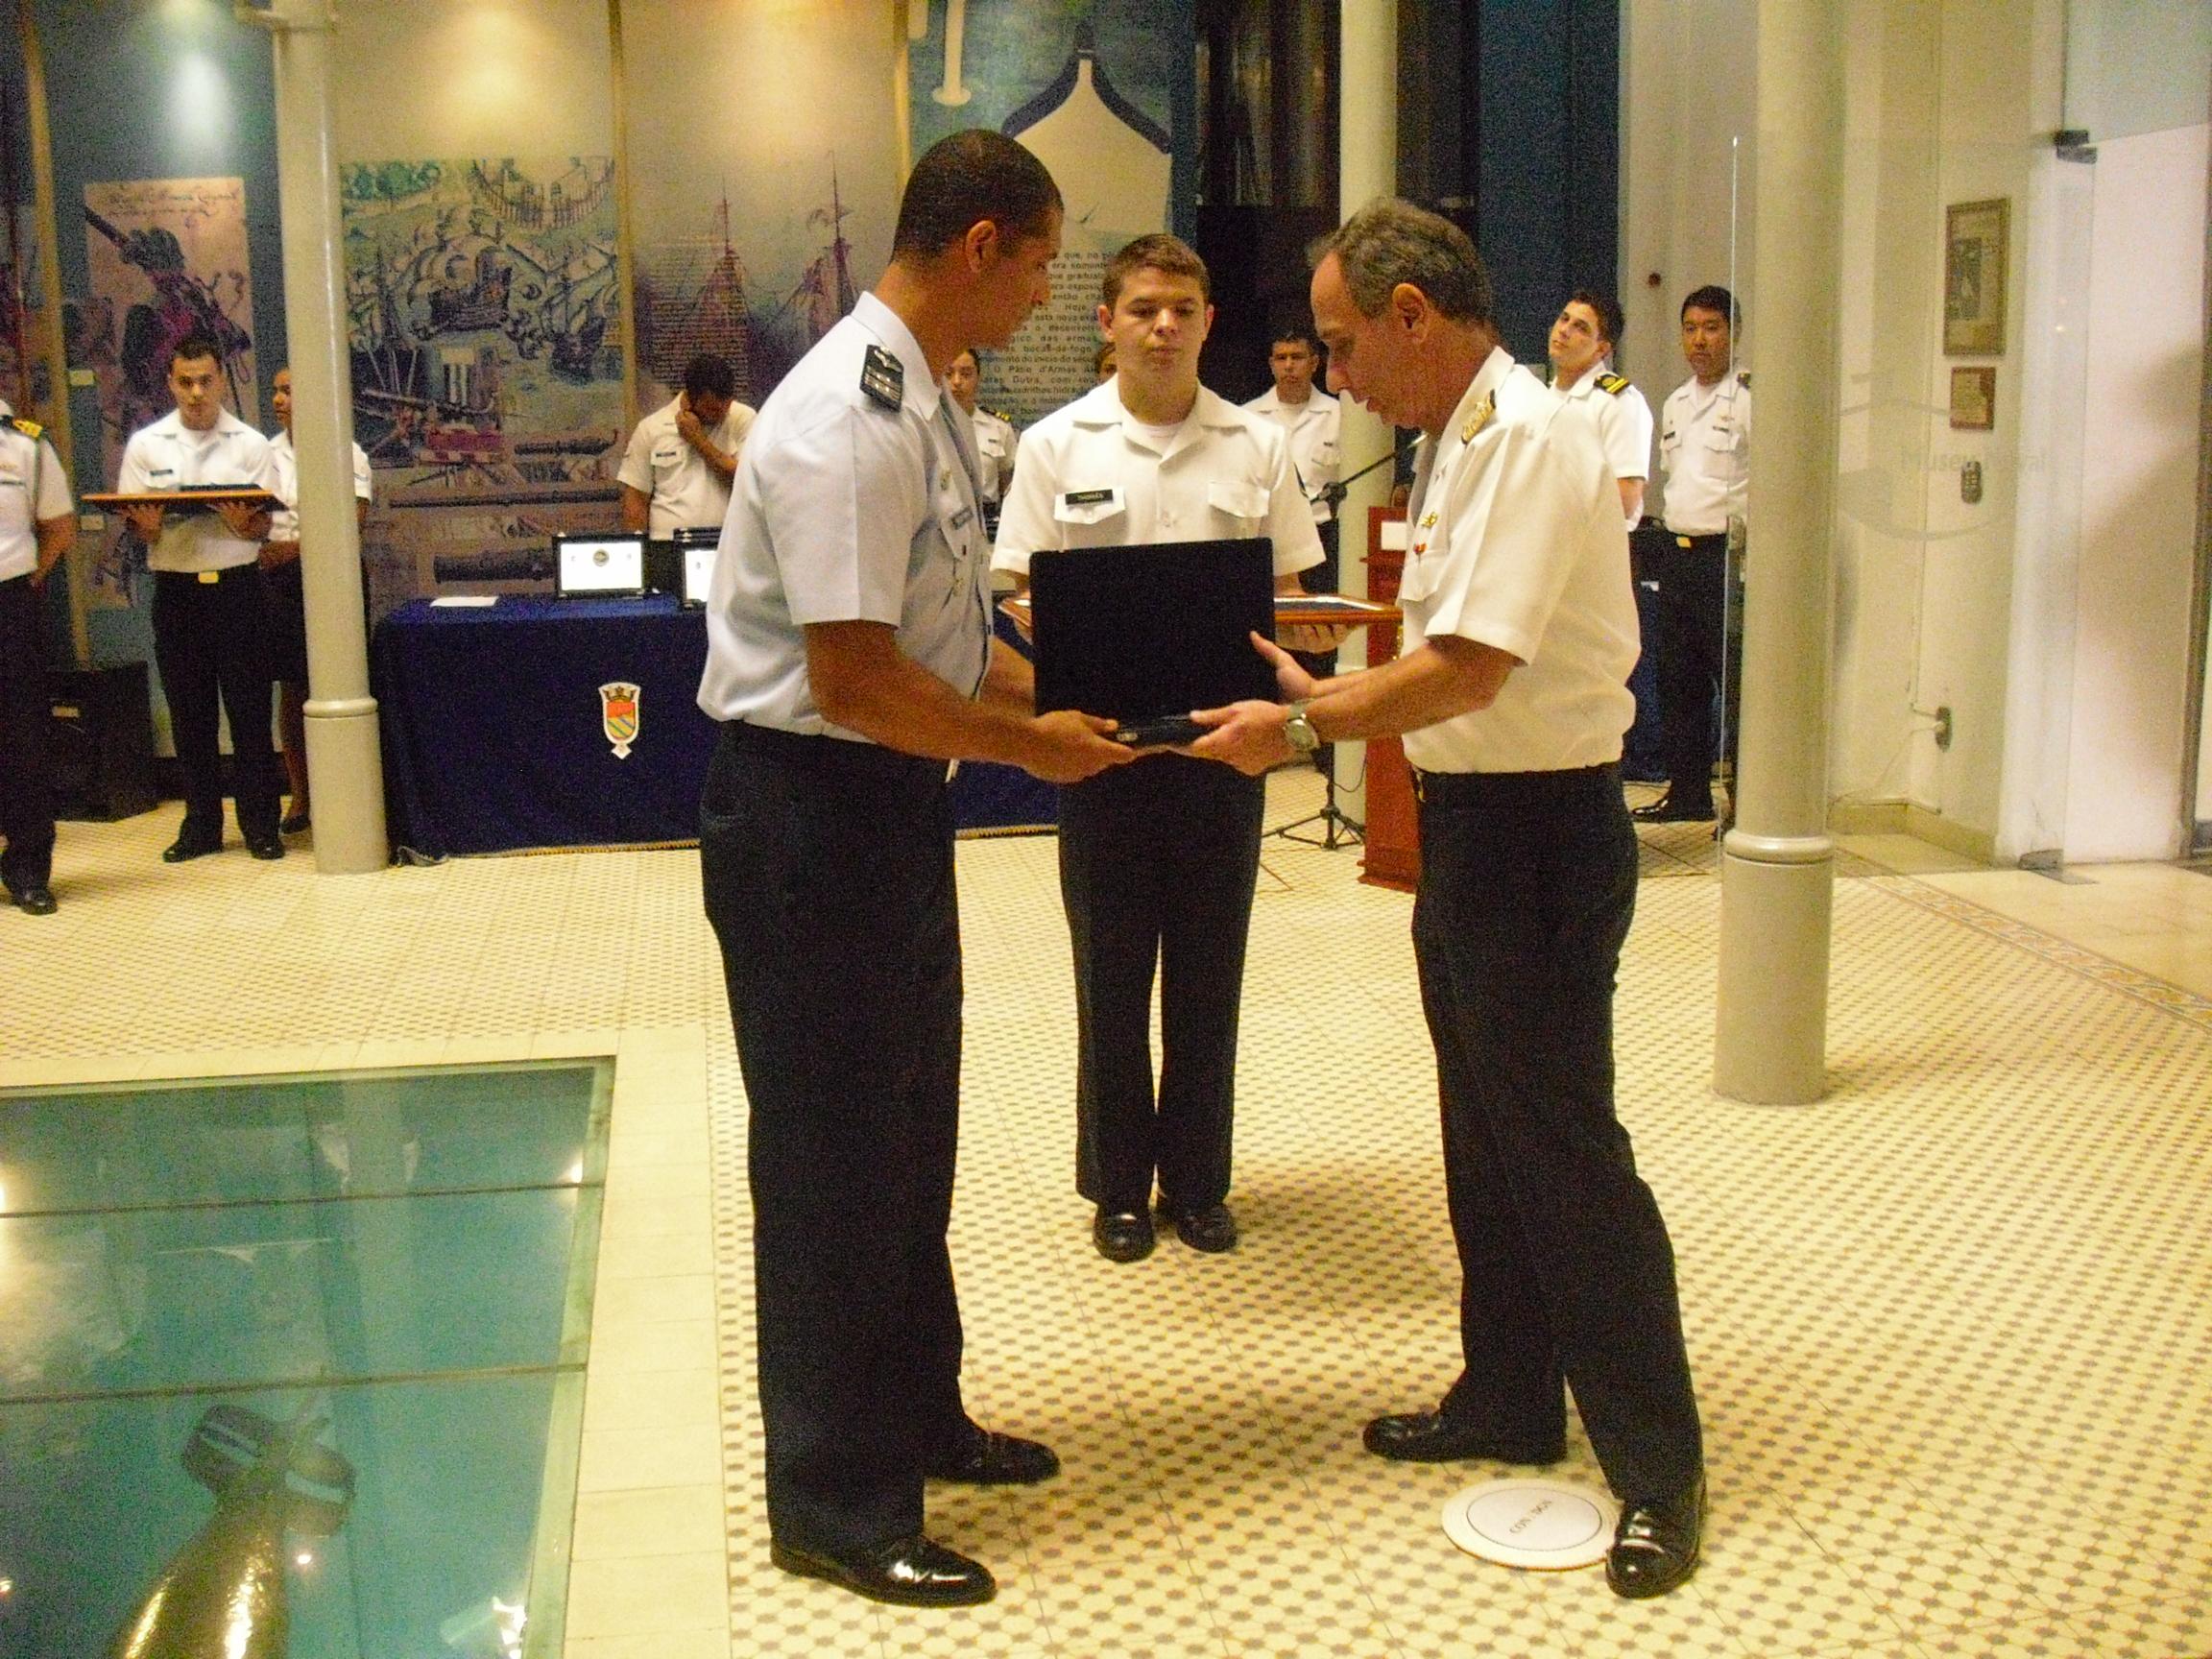 Esquadrão Orungan recebe prêmio Controle Naval de Tráfego Marítimo Cimg0244